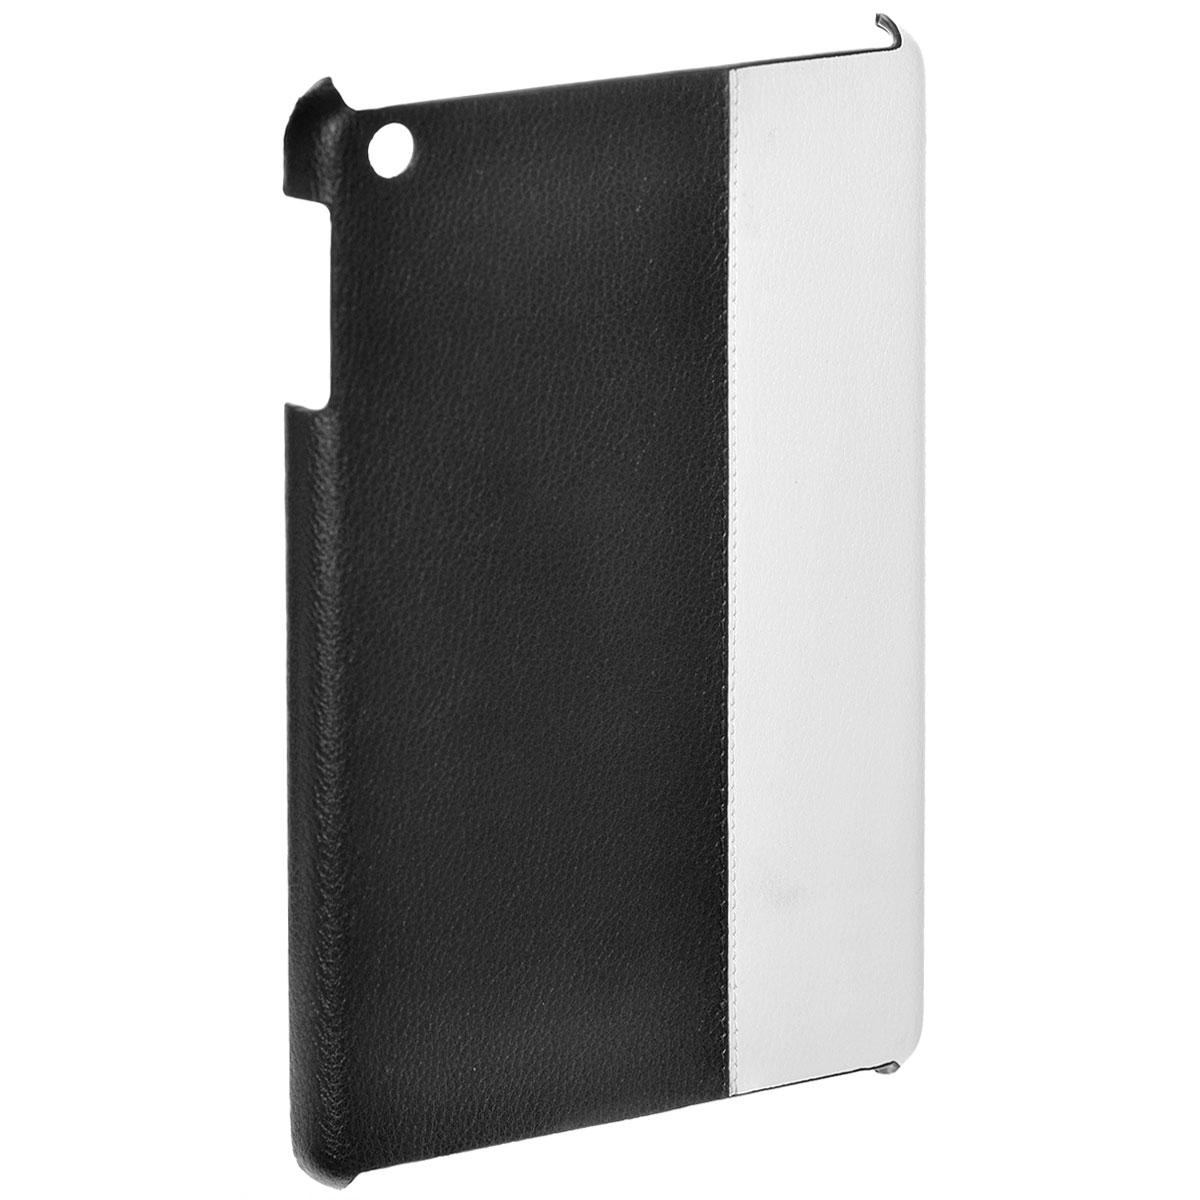 Tutti Frutti Comfort чехол для Apple iPad mini 1/2/3, BlackTF100401Tutti Frutti Comfort TF100401 - аксессуар, который защитит ваше устройство от внешних воздействий, грязи, пыли, брызг. Чехол также поможет при ударах и падениях, смягчая удары, не позволяя образовываться на корпусе царапинам и потертостям. Кроме того, он будет незаменим при длительной транспортировке устройства.